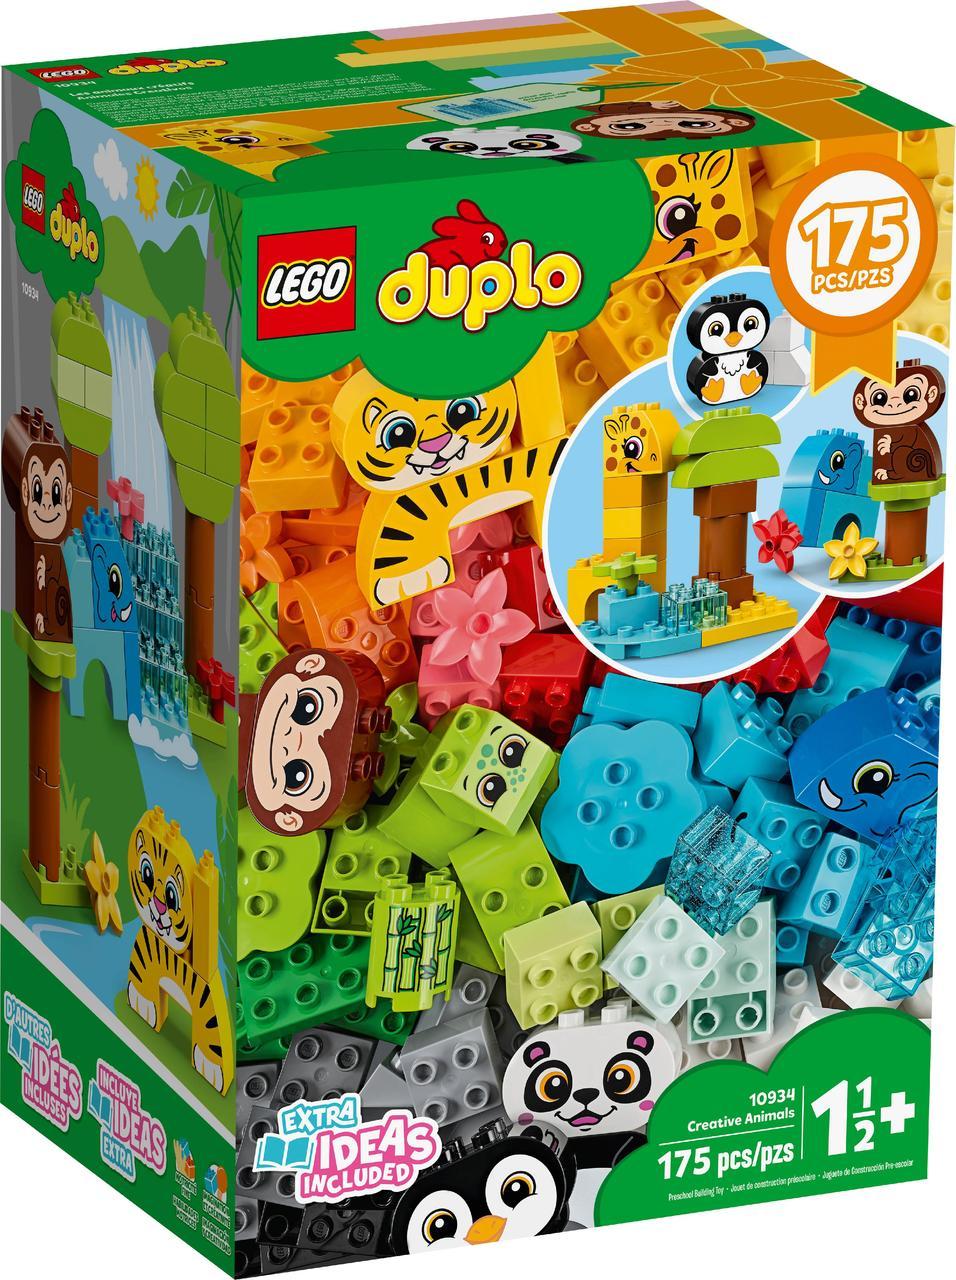 Lego Duplo Набор для веселого творчества Веселые зверюшки (10934)